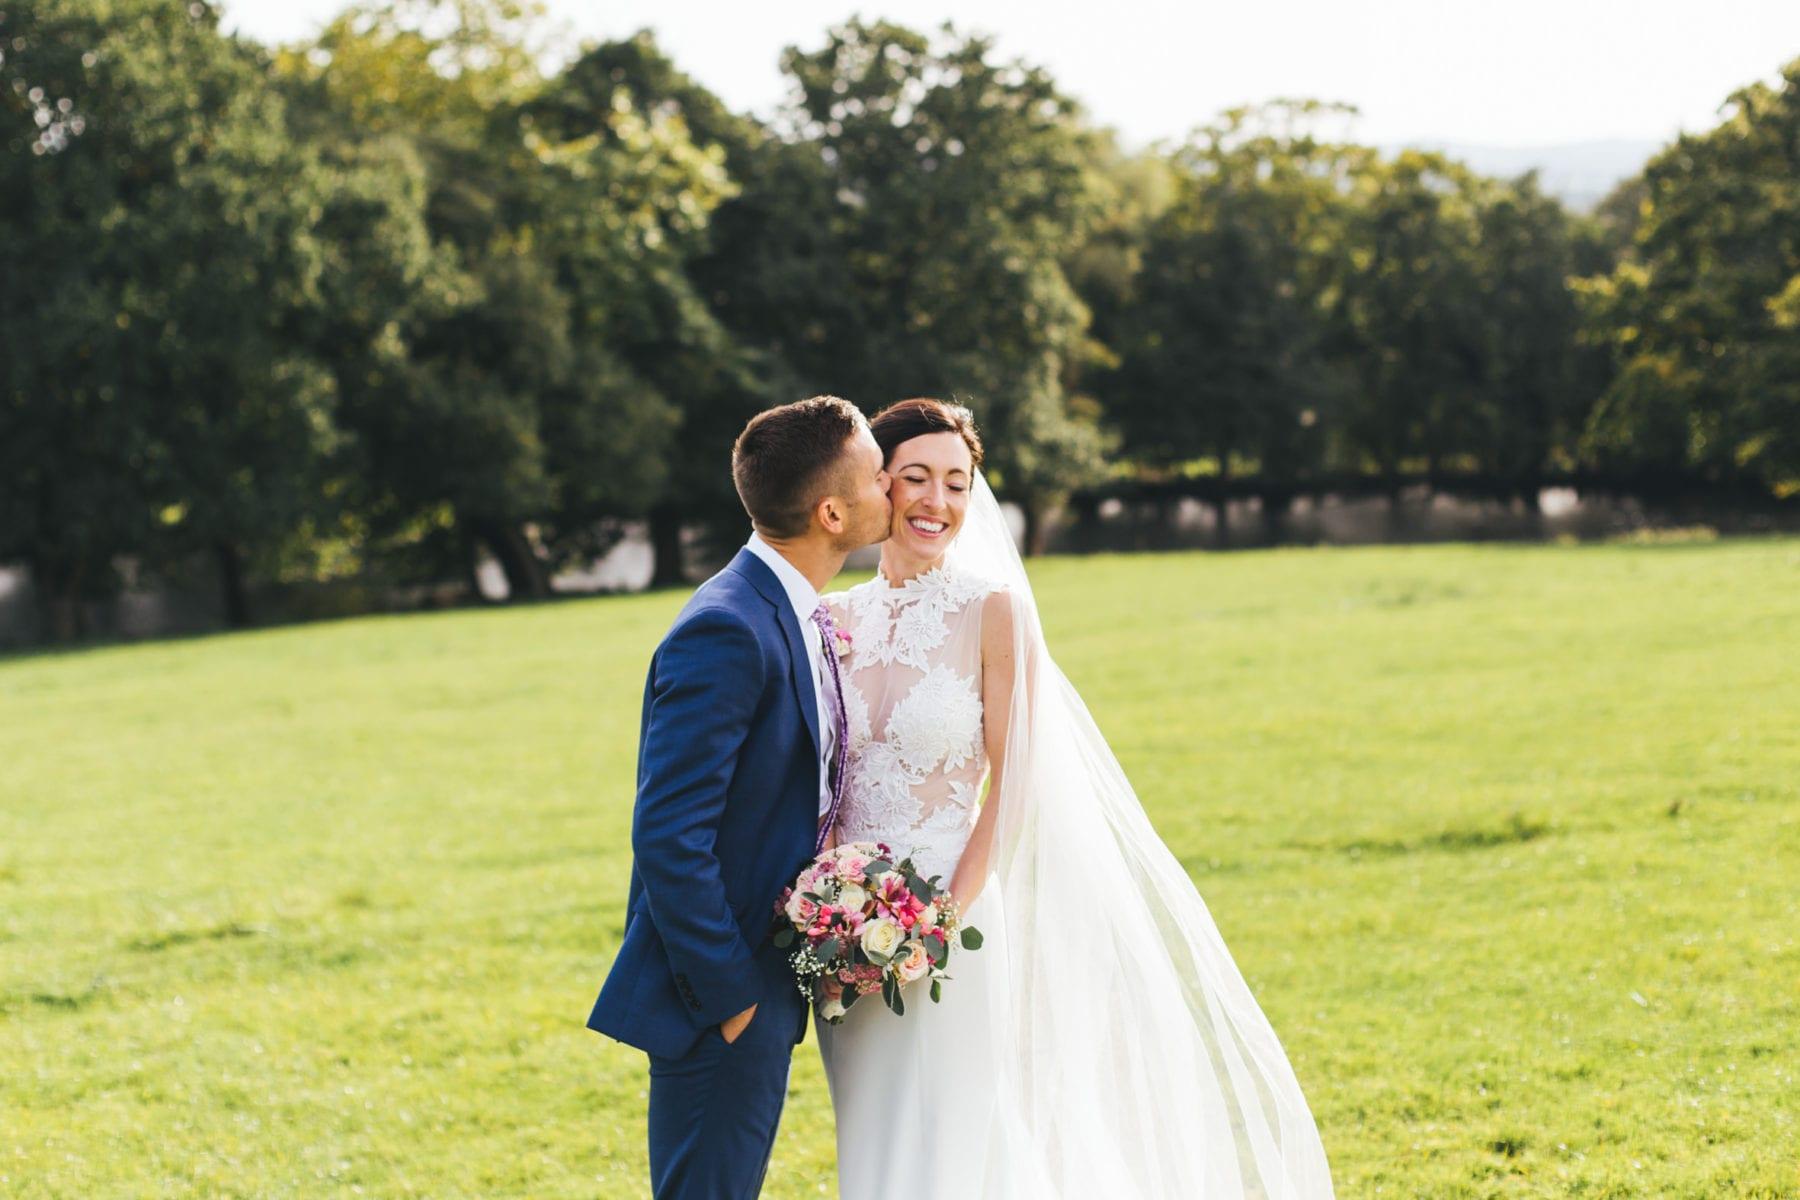 Devon wedding venues